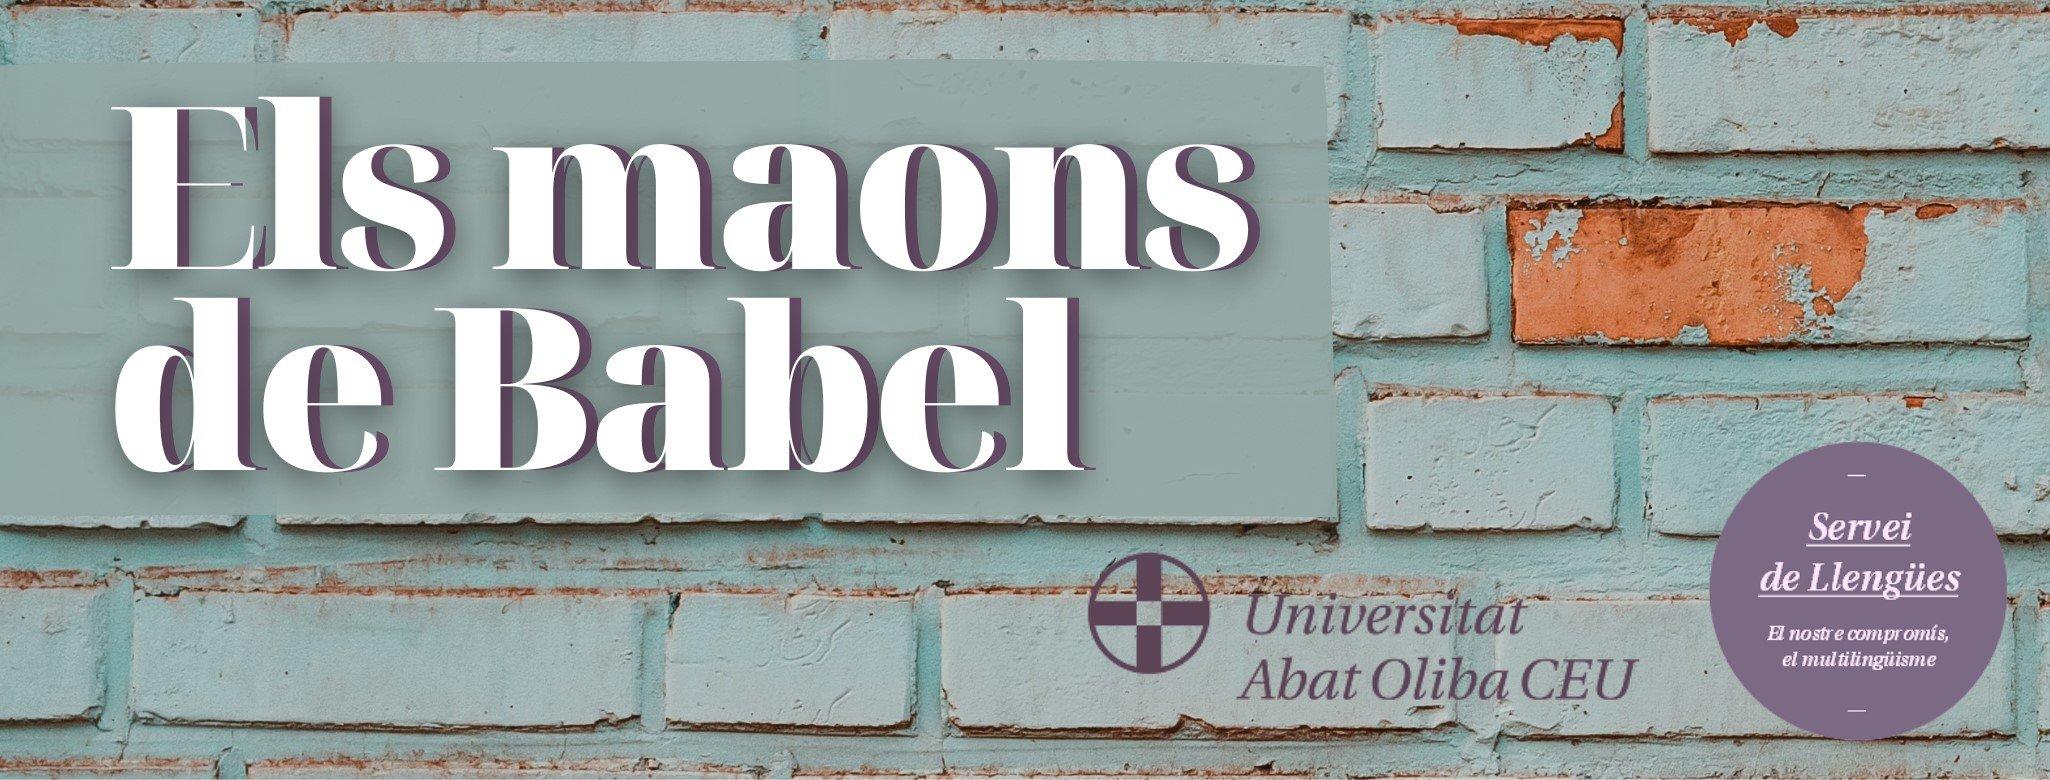 Maons de Babel per a una torre multilingüe